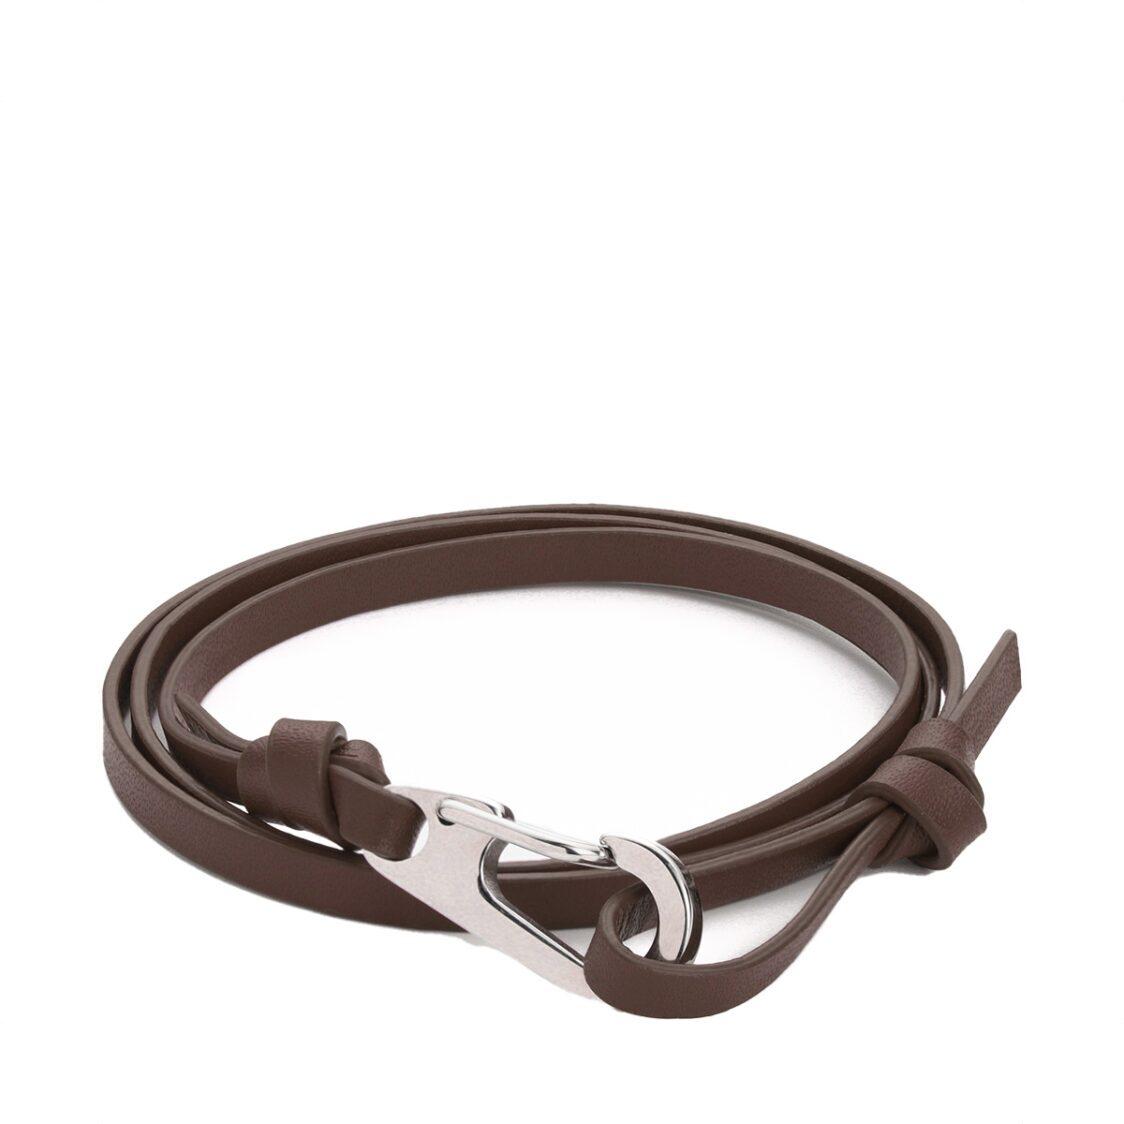 Plain Supplies Flo Bracelet - Brown Leather